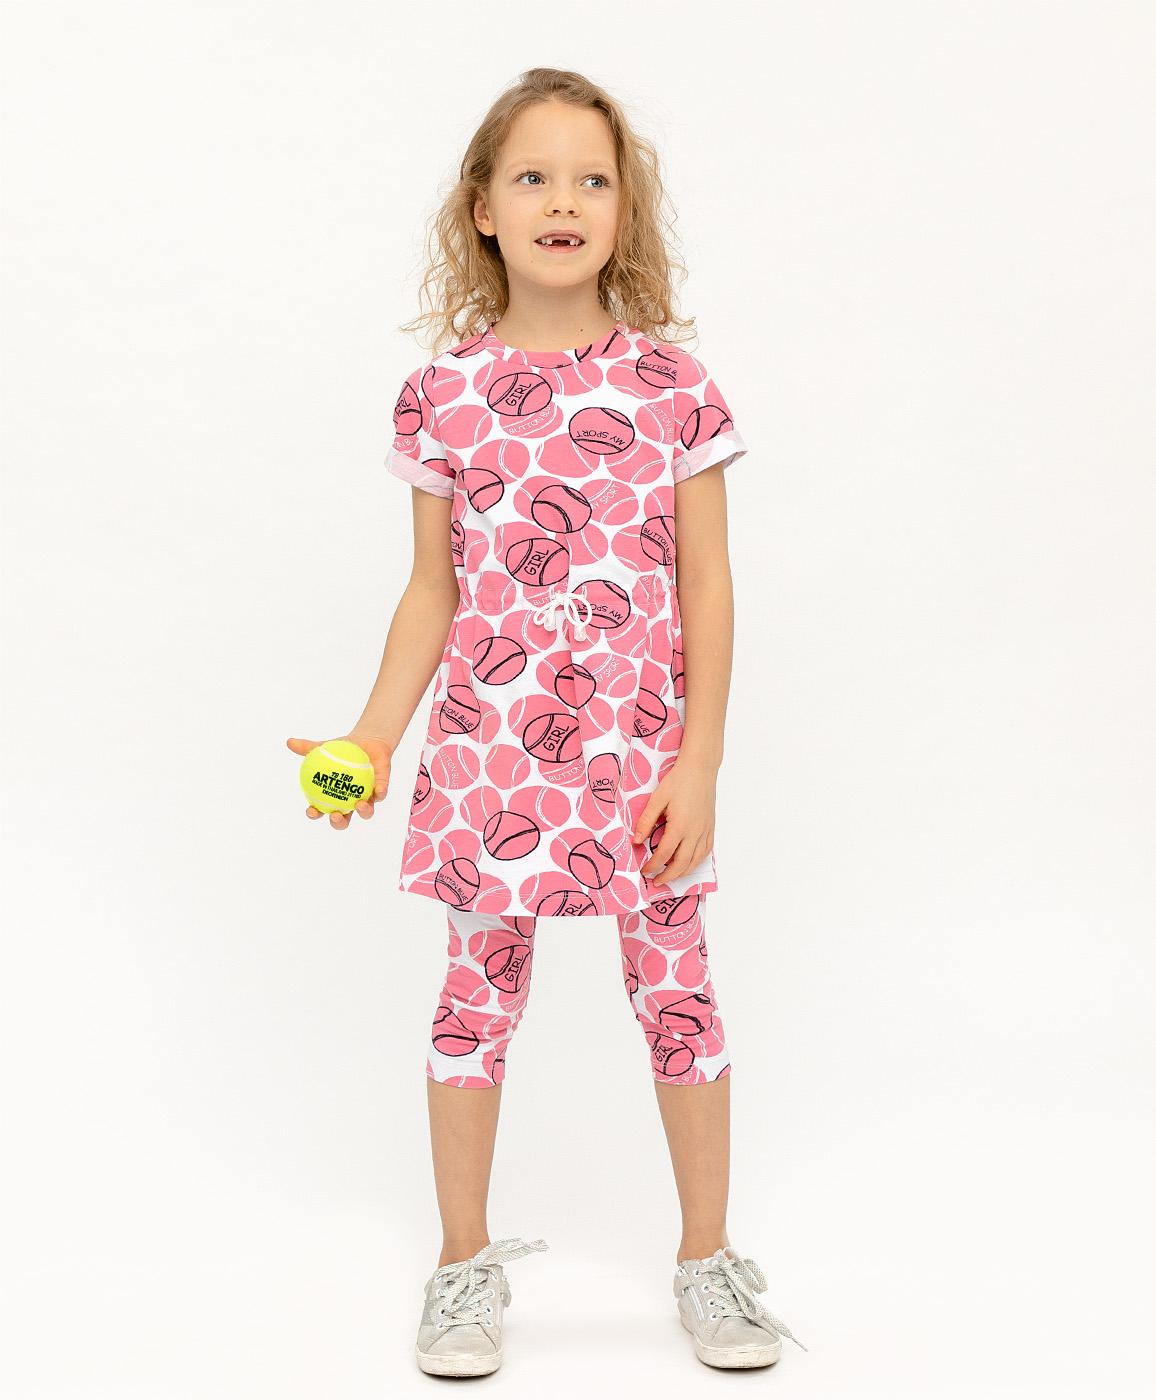 120BBGF50021213, Платье для девочек Button Blue, цв. розовый, р-р 116,  - купить со скидкой